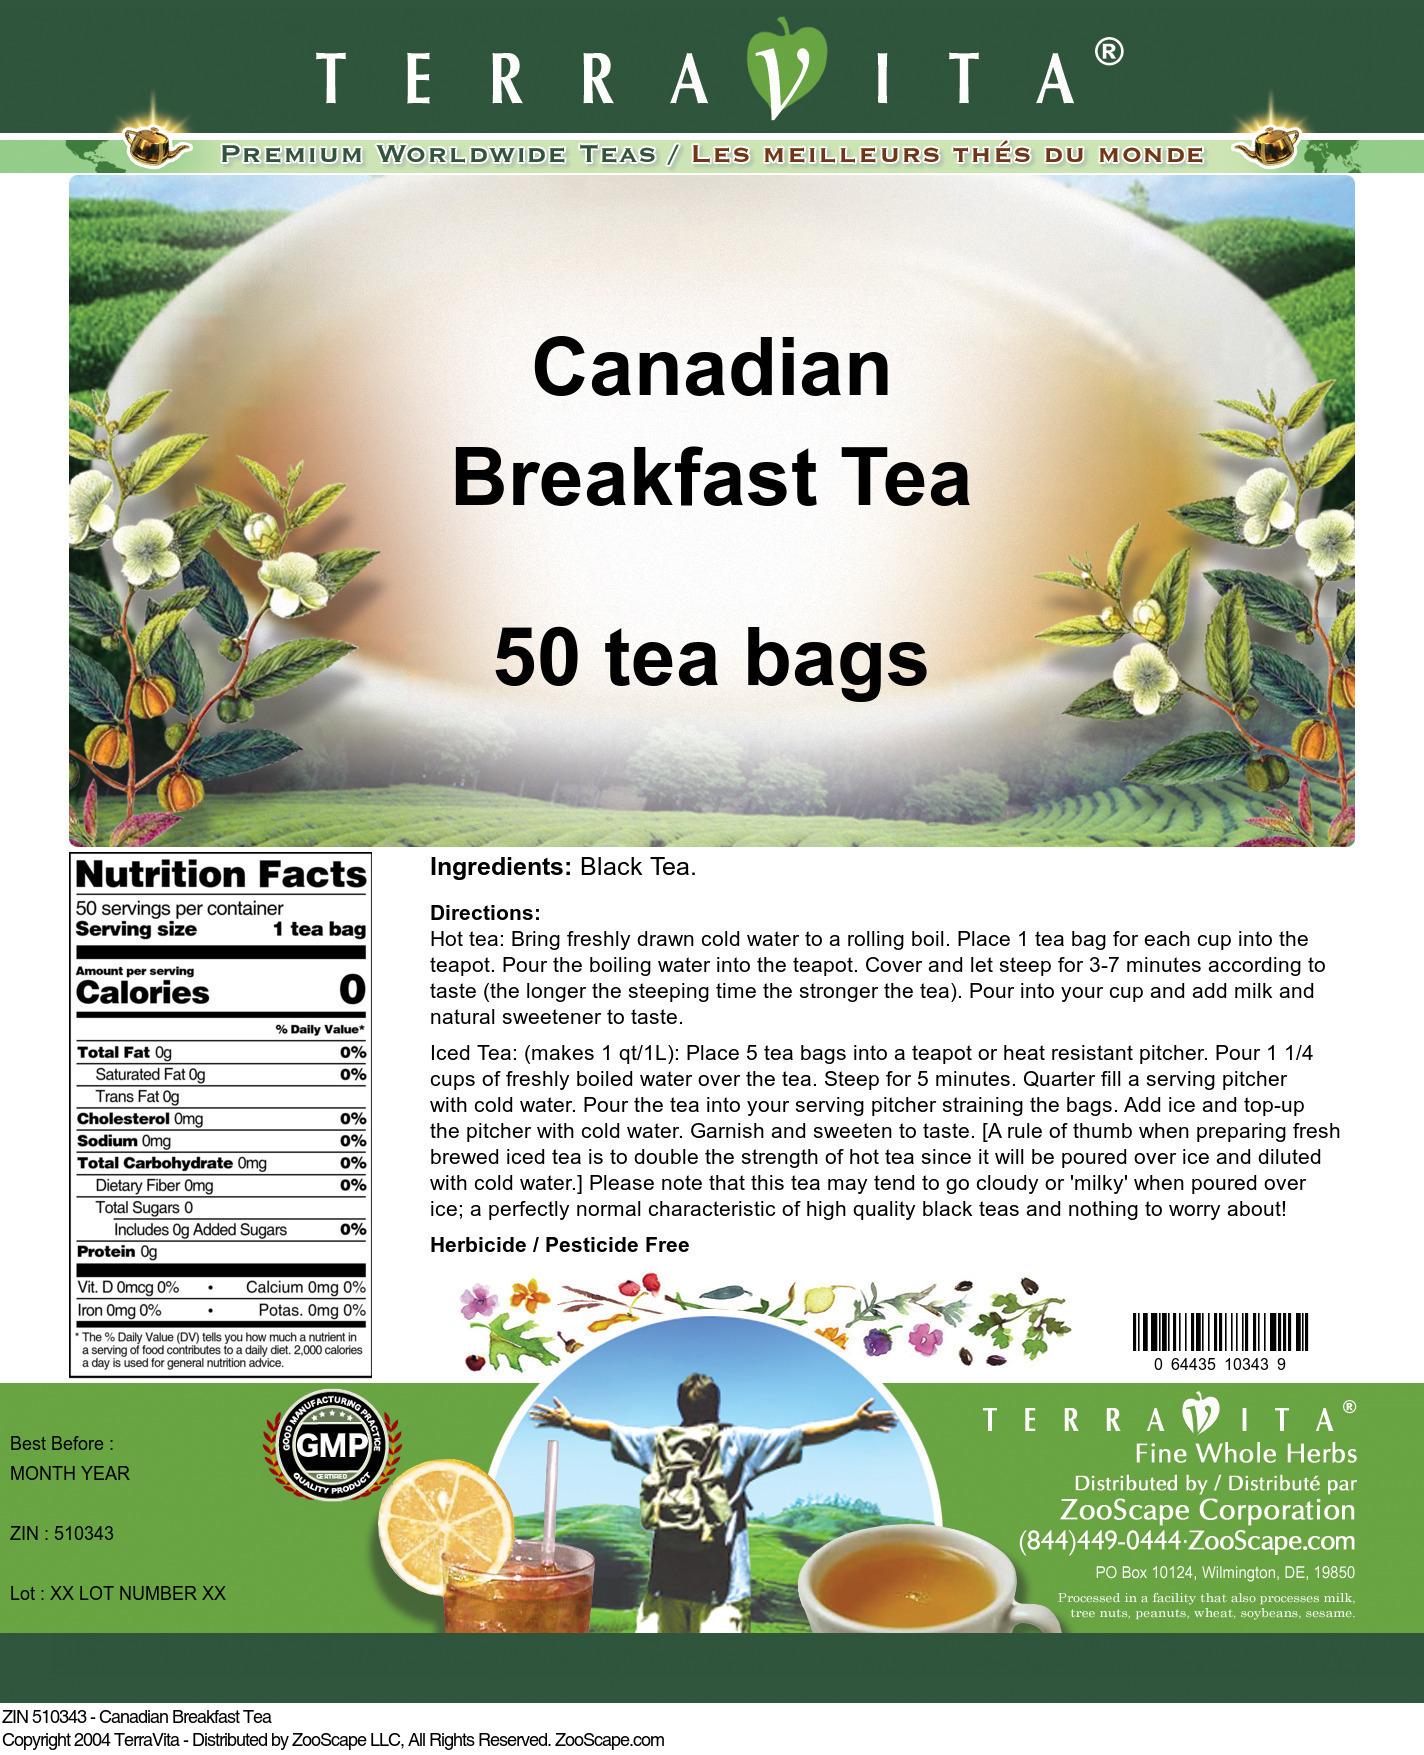 Canadian Breakfast